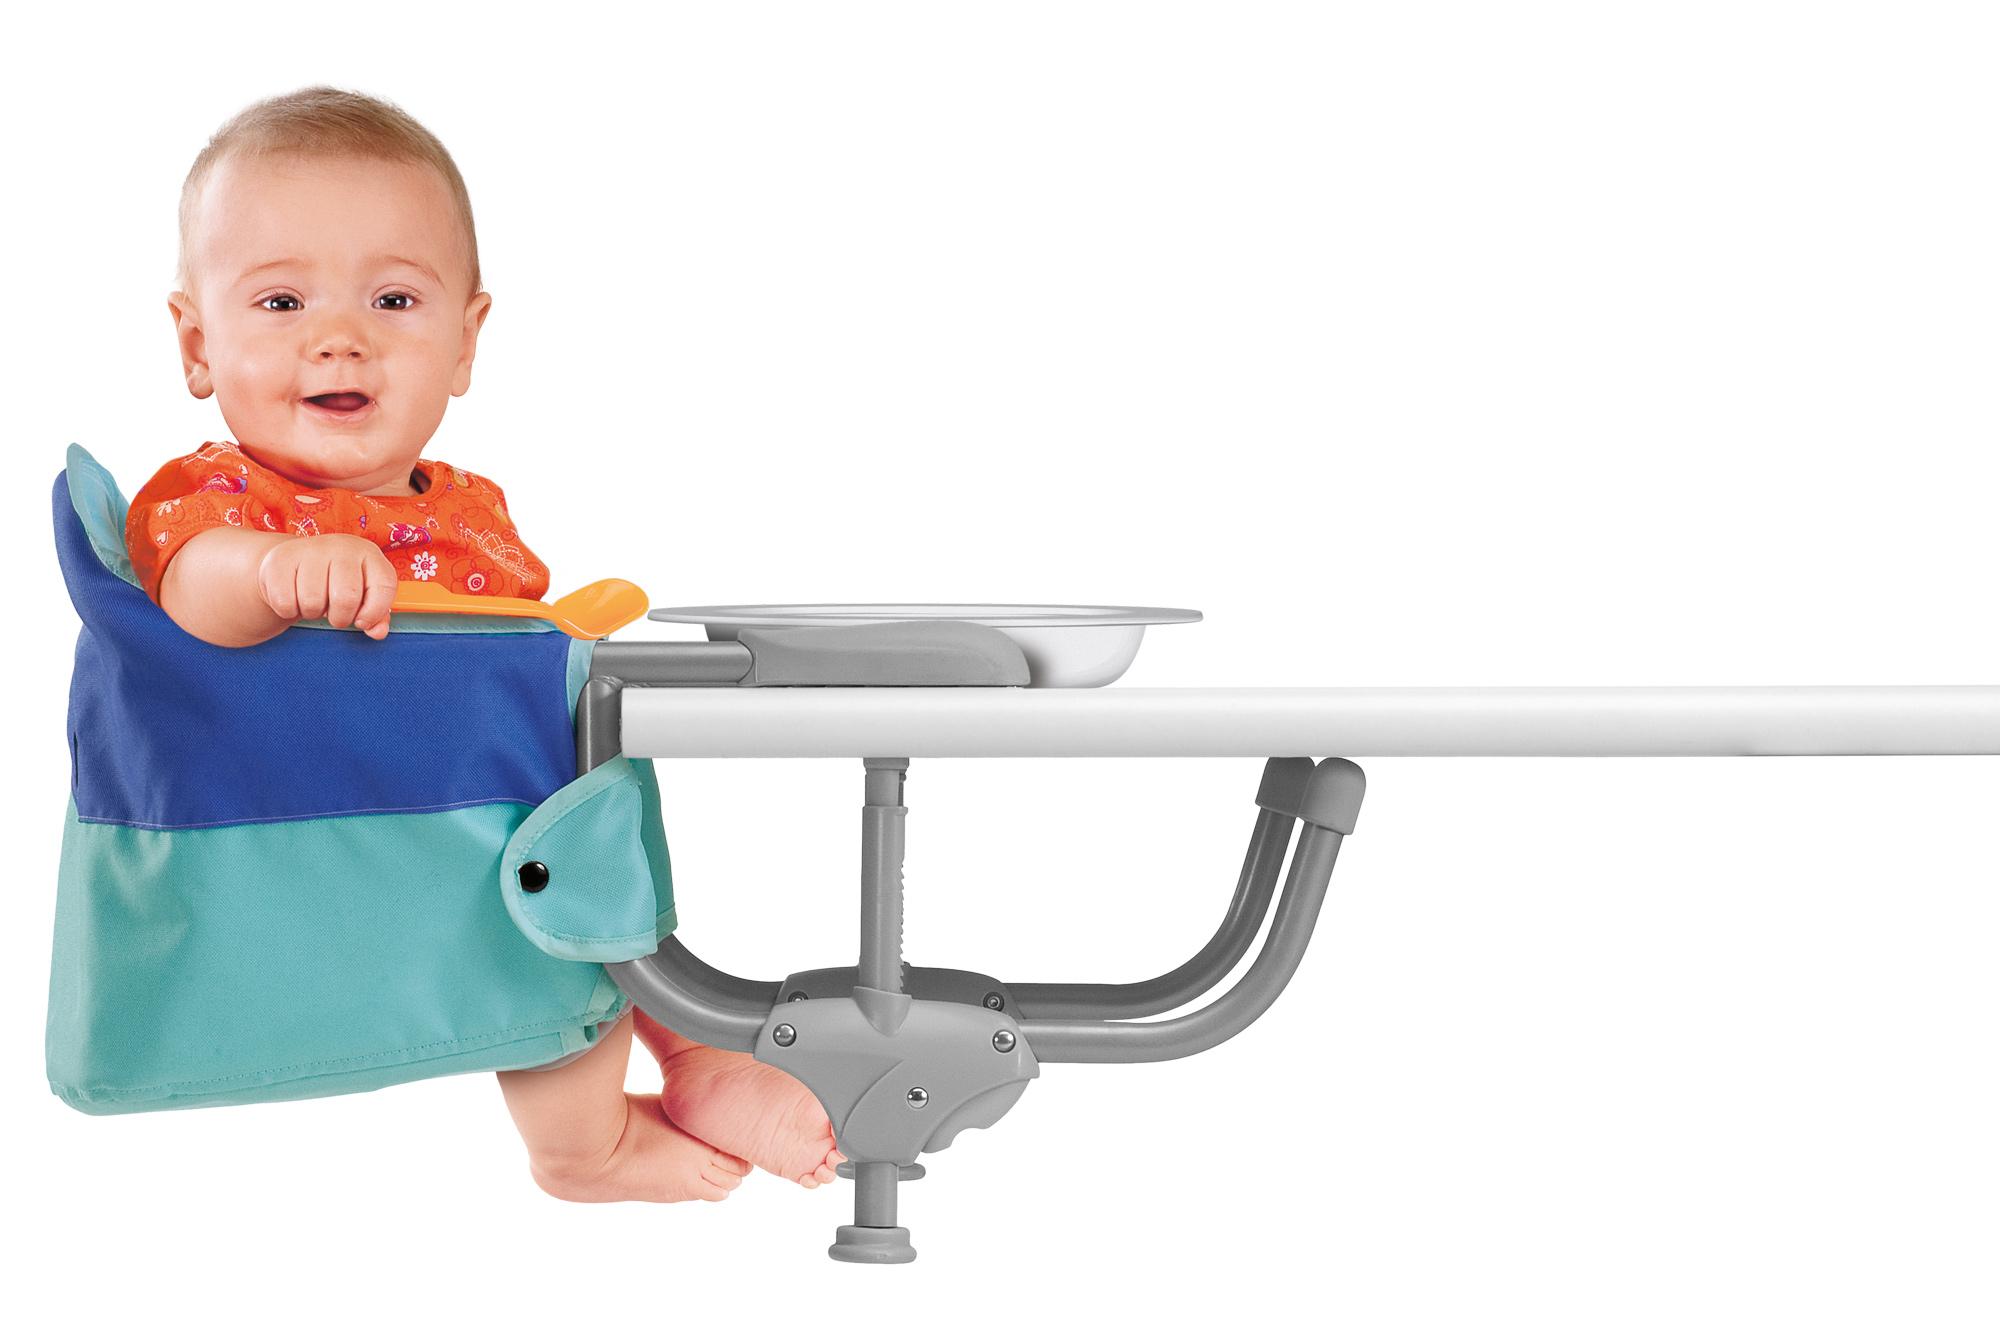 Scaun copii atasabil la masa Chicco Easy Lunch, Marine, 6luni+